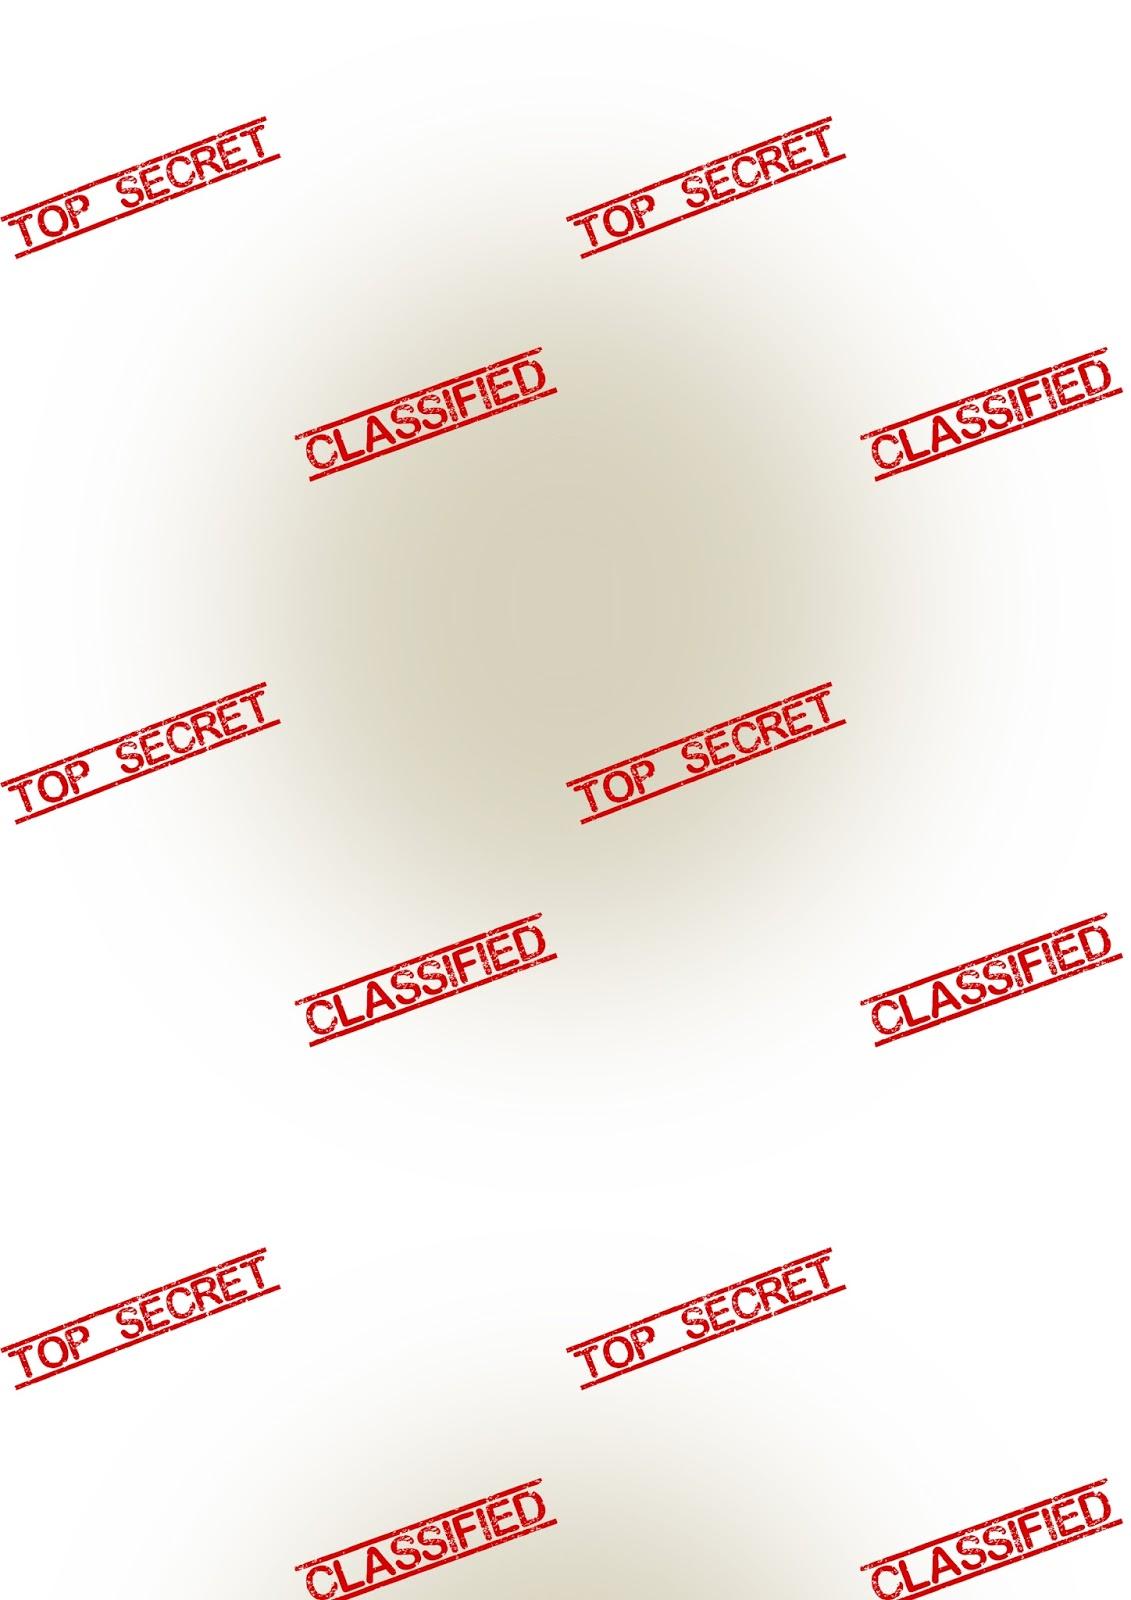 http://4.bp.blogspot.com/-wlXtaIxUZ38/VOjtOugbwwI/AAAAAAAAiLk/JNf_KRSl_VE/s1600/top_secret_paper_A4.jpg